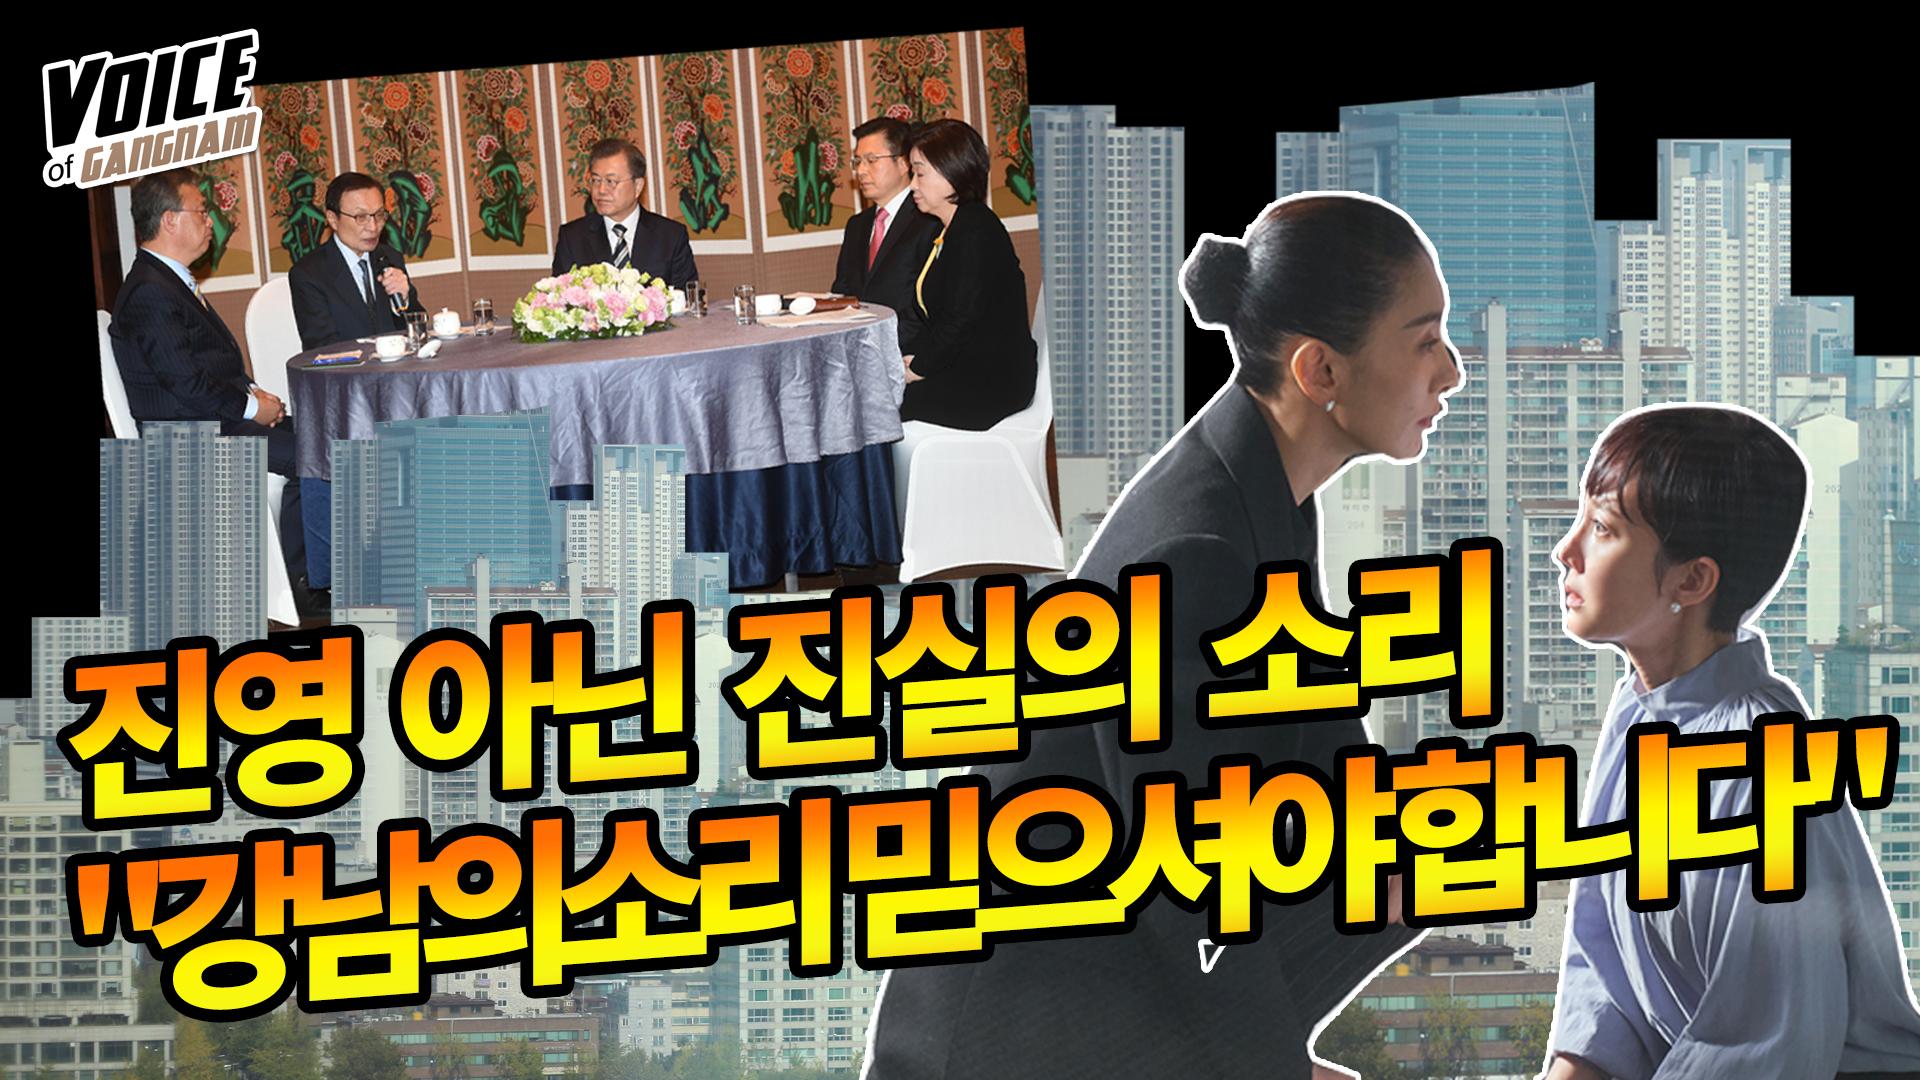 [홍희경의 패스추리TV] 진영 아닌 진실.. 유튜브 강남의소리에선 가능합니다